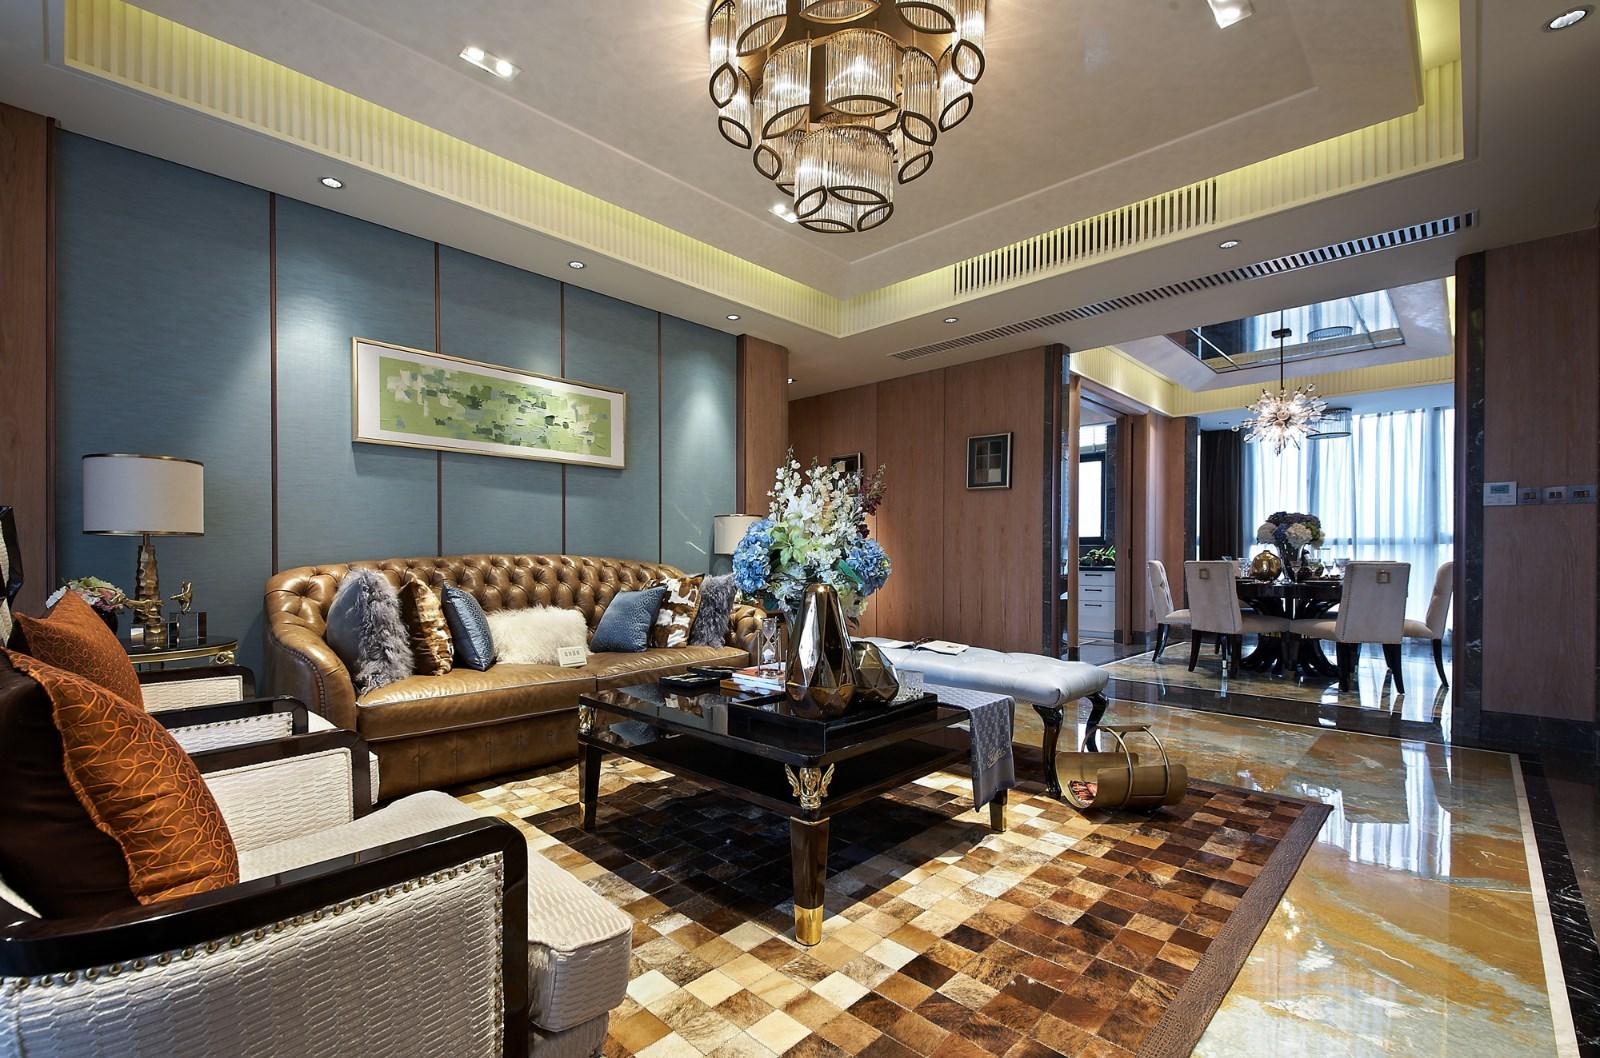 新古典 三居 大户型 复式 跃层 别墅 80后 小资 客厅图片来自高度国际姚吉智在158平米古典风无法低调的高雅的分享